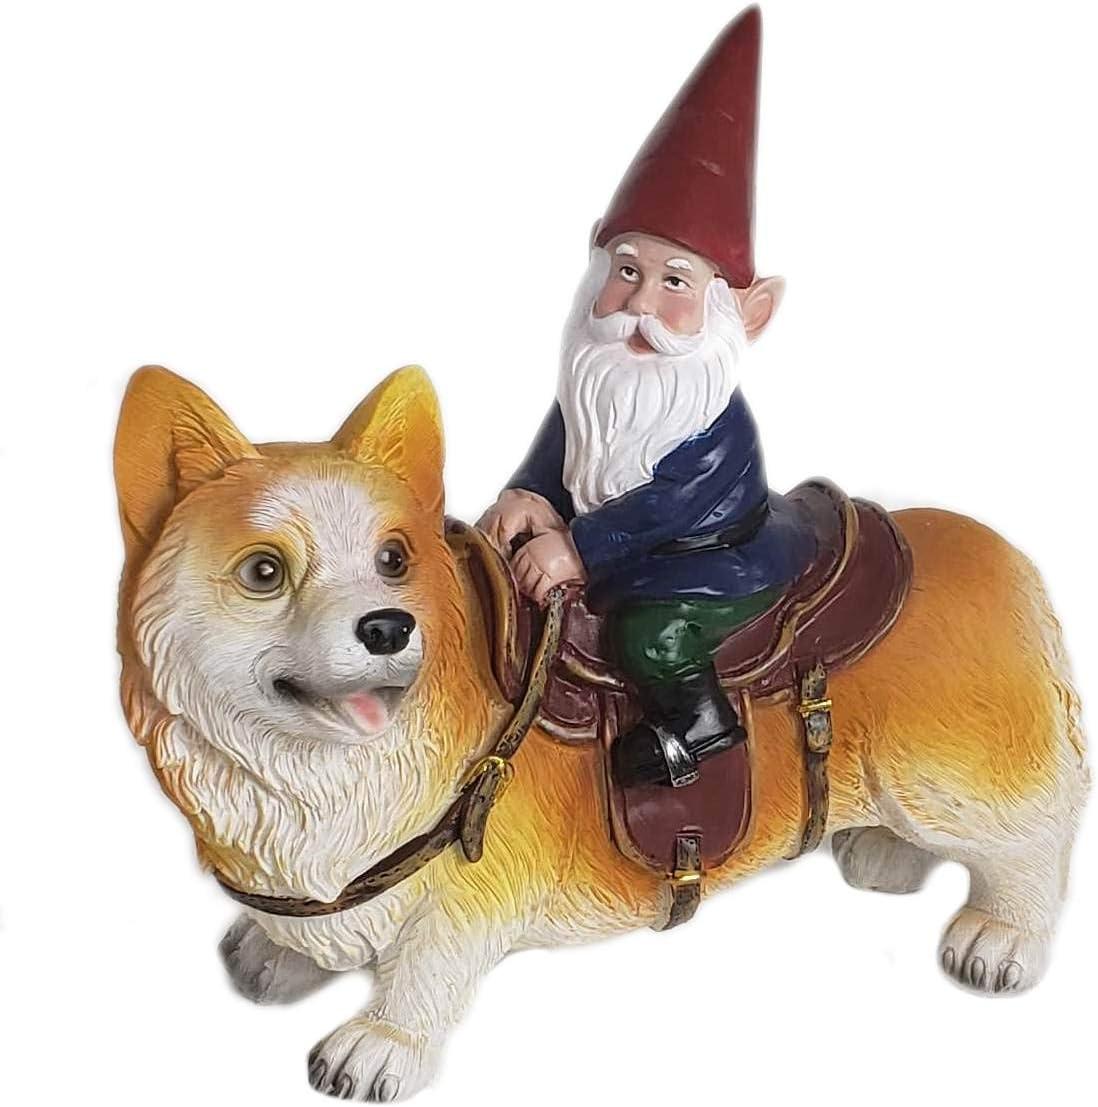 Funny Guy Mugs Garden Gnome Statue - Gnome Riding a Corgi - Indoor/Outdoor Garden Gnome Sculpture for Patio, Yard or Lawn